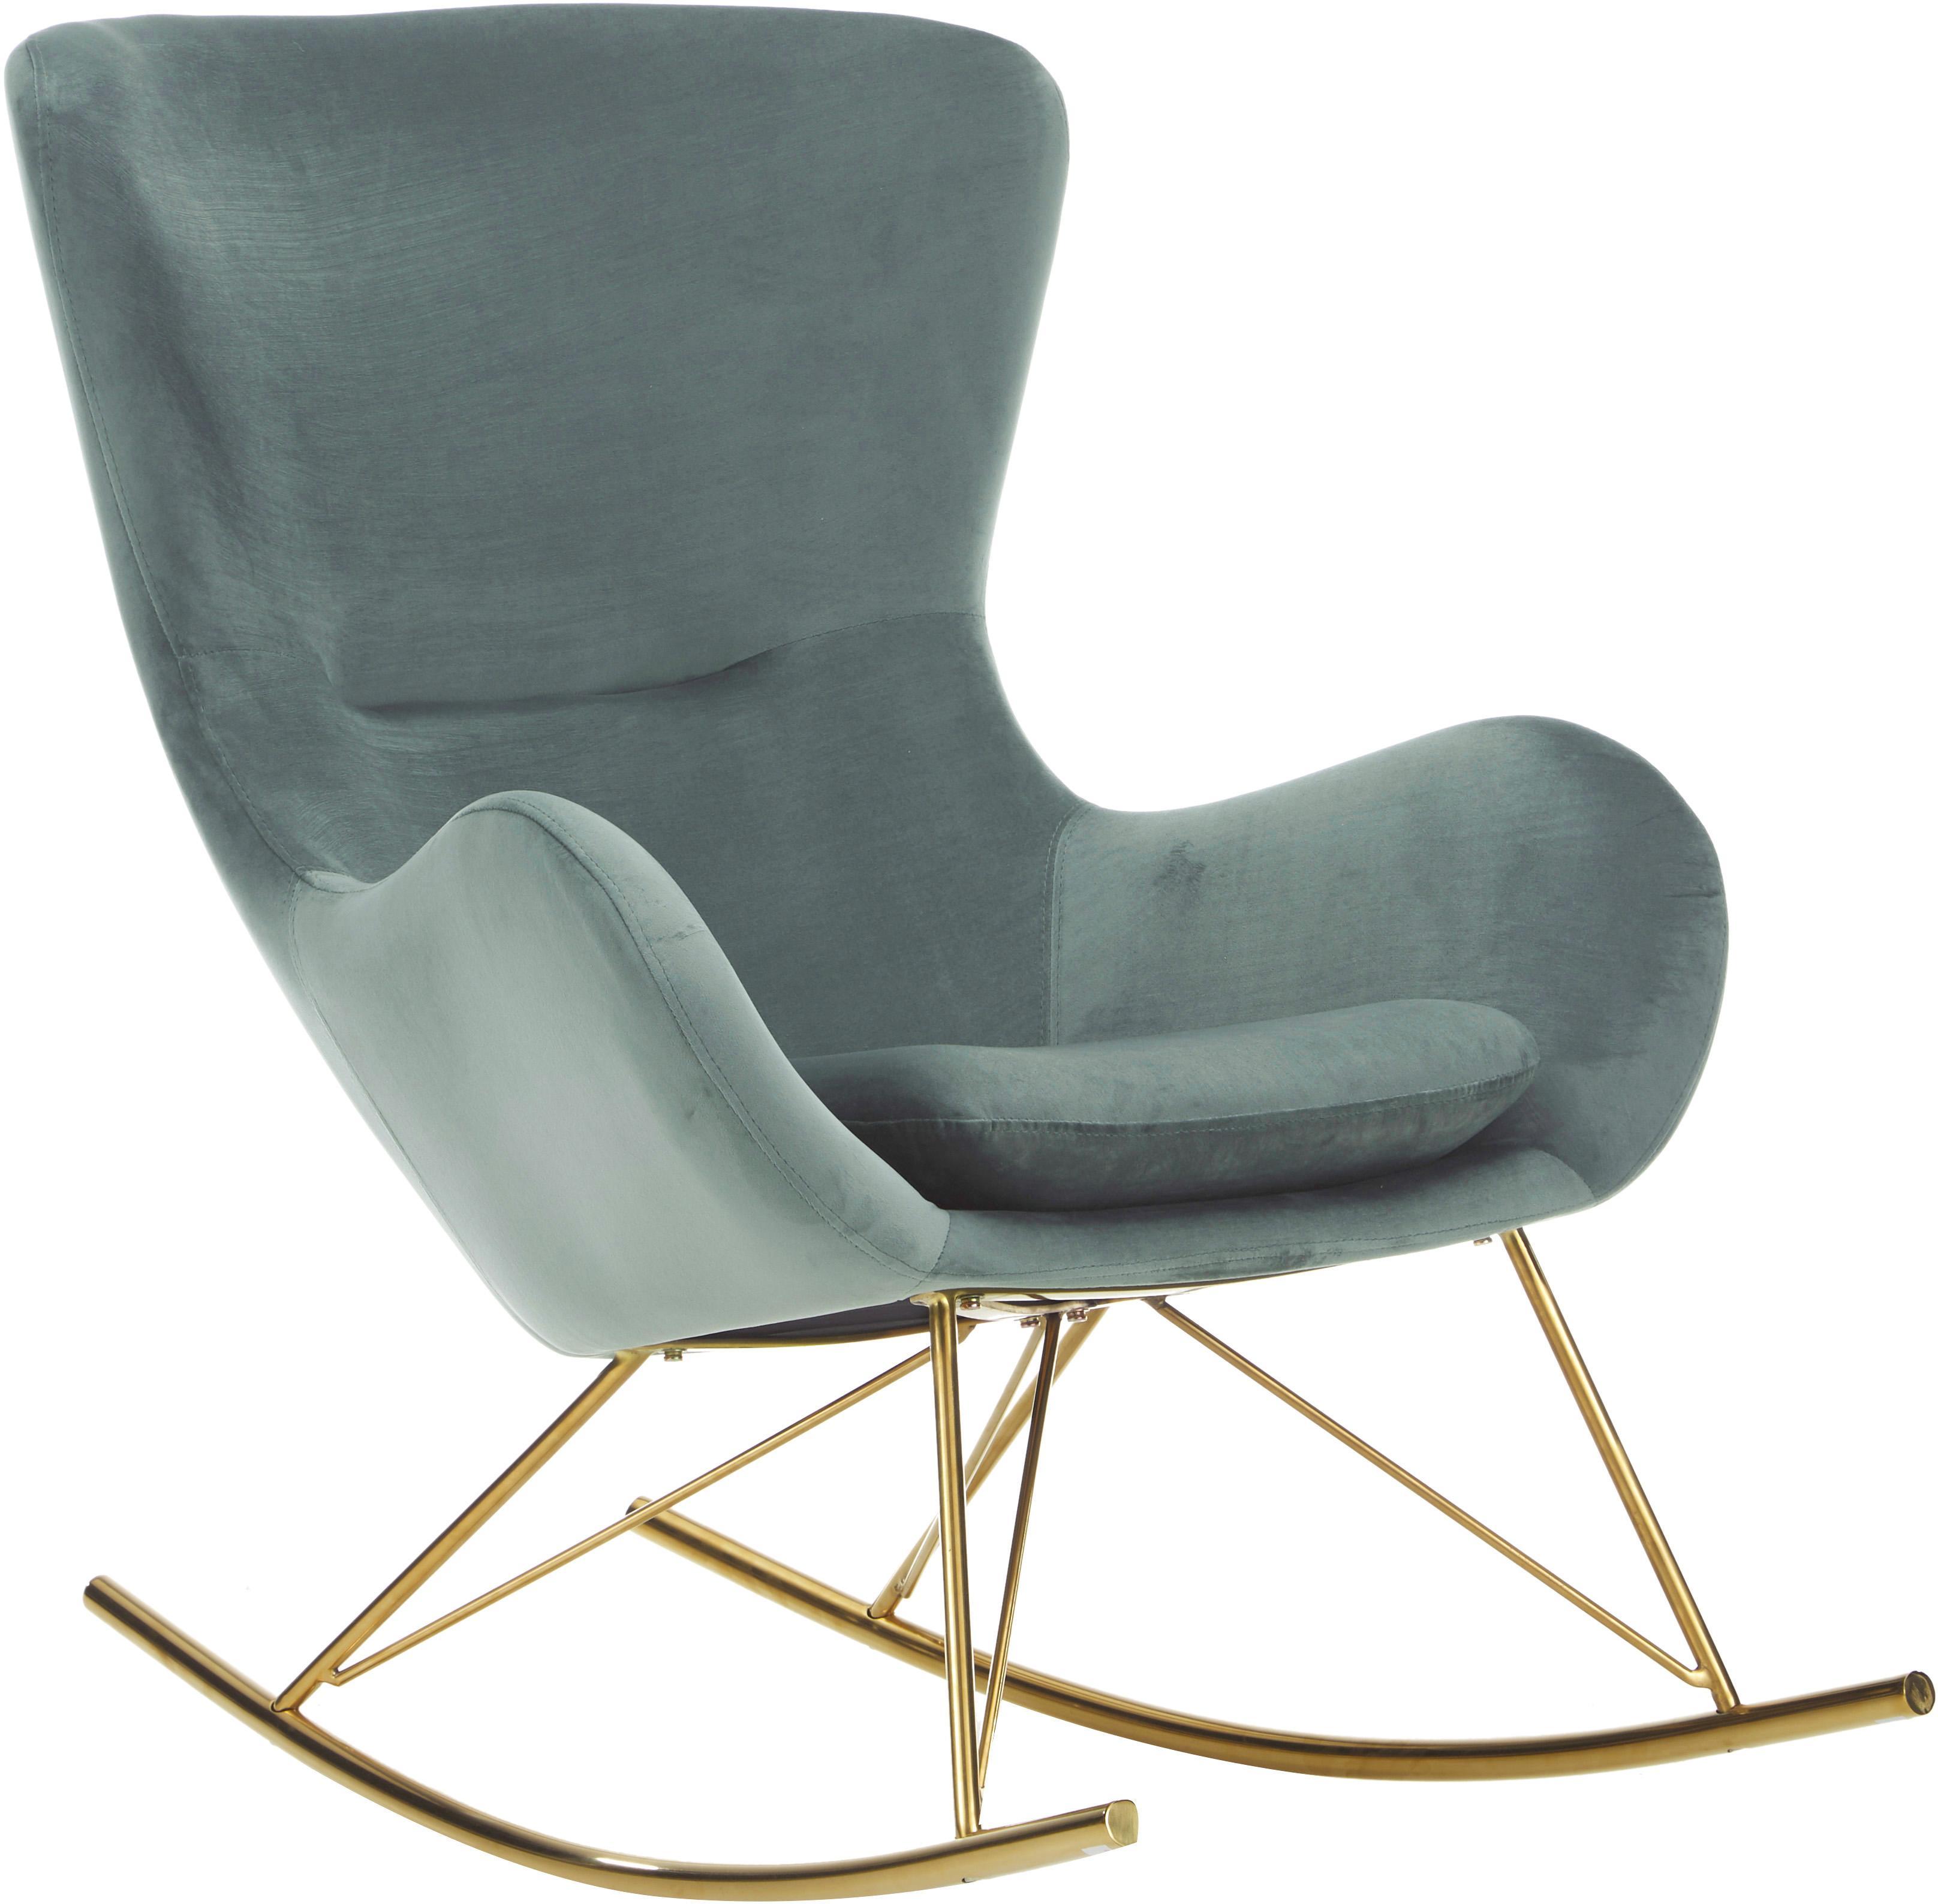 Sedia a dondolo in velluto Wing, Rivestimento: velluto (poliestere) 15.0, Struttura: metallo, zincato, Verde salvia, Larg. 77 x Prof. 96 cm